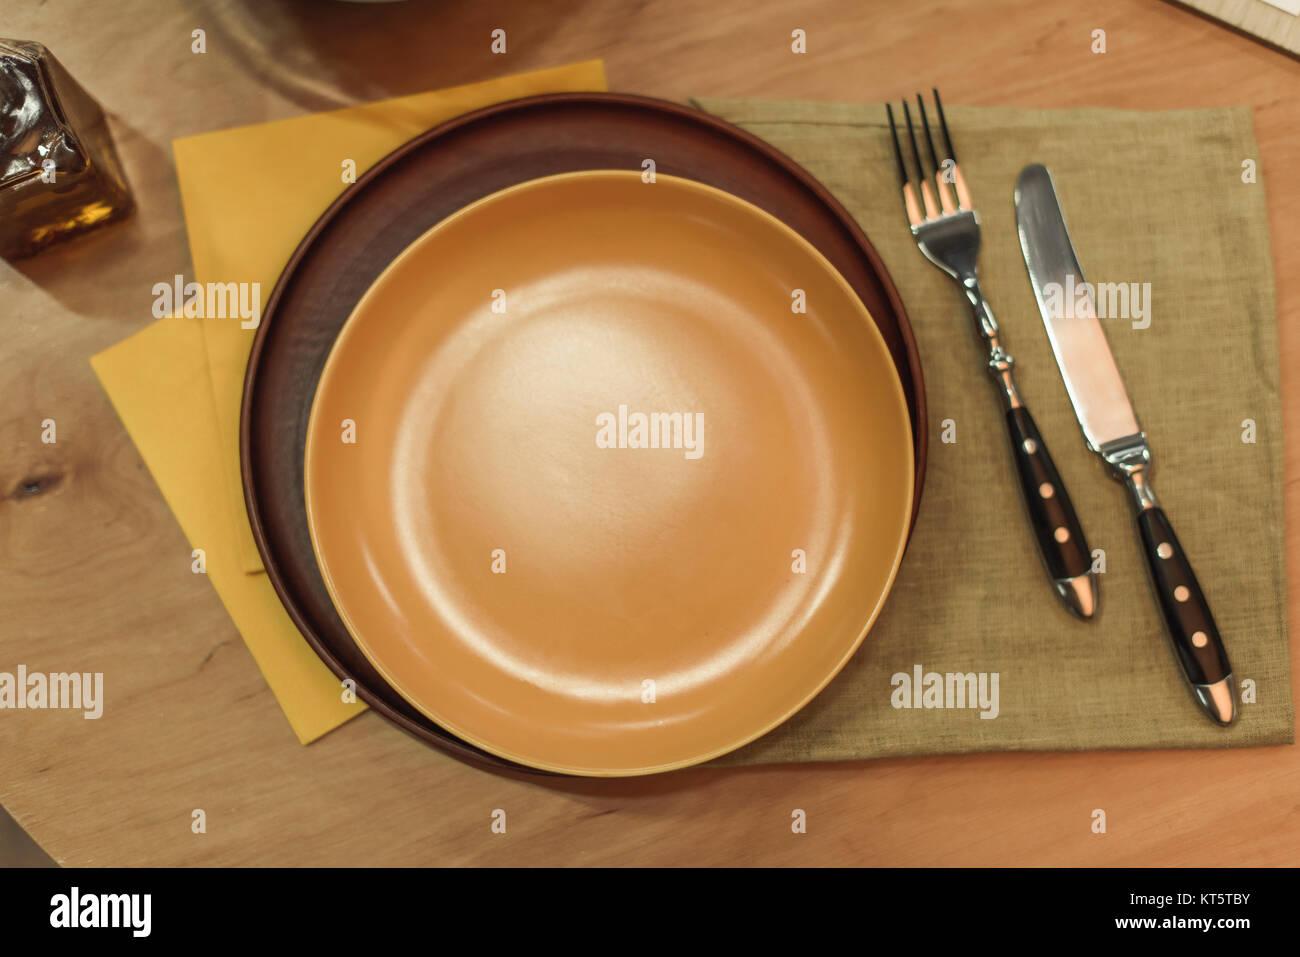 Vista superior del vacío platos, cubiertos y servilletas en superficie de madera Foto de stock